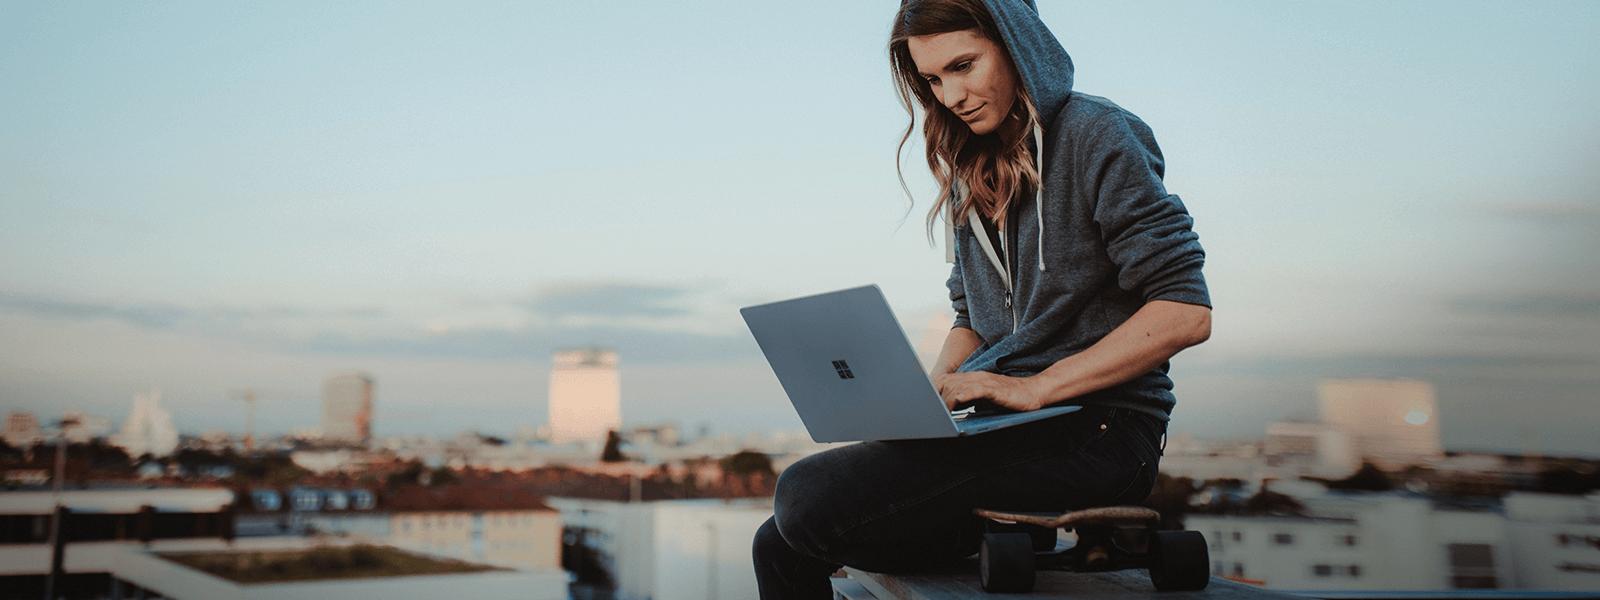 Eine Frau sitzt auf einem Longboard und nutzt ihren Laptop